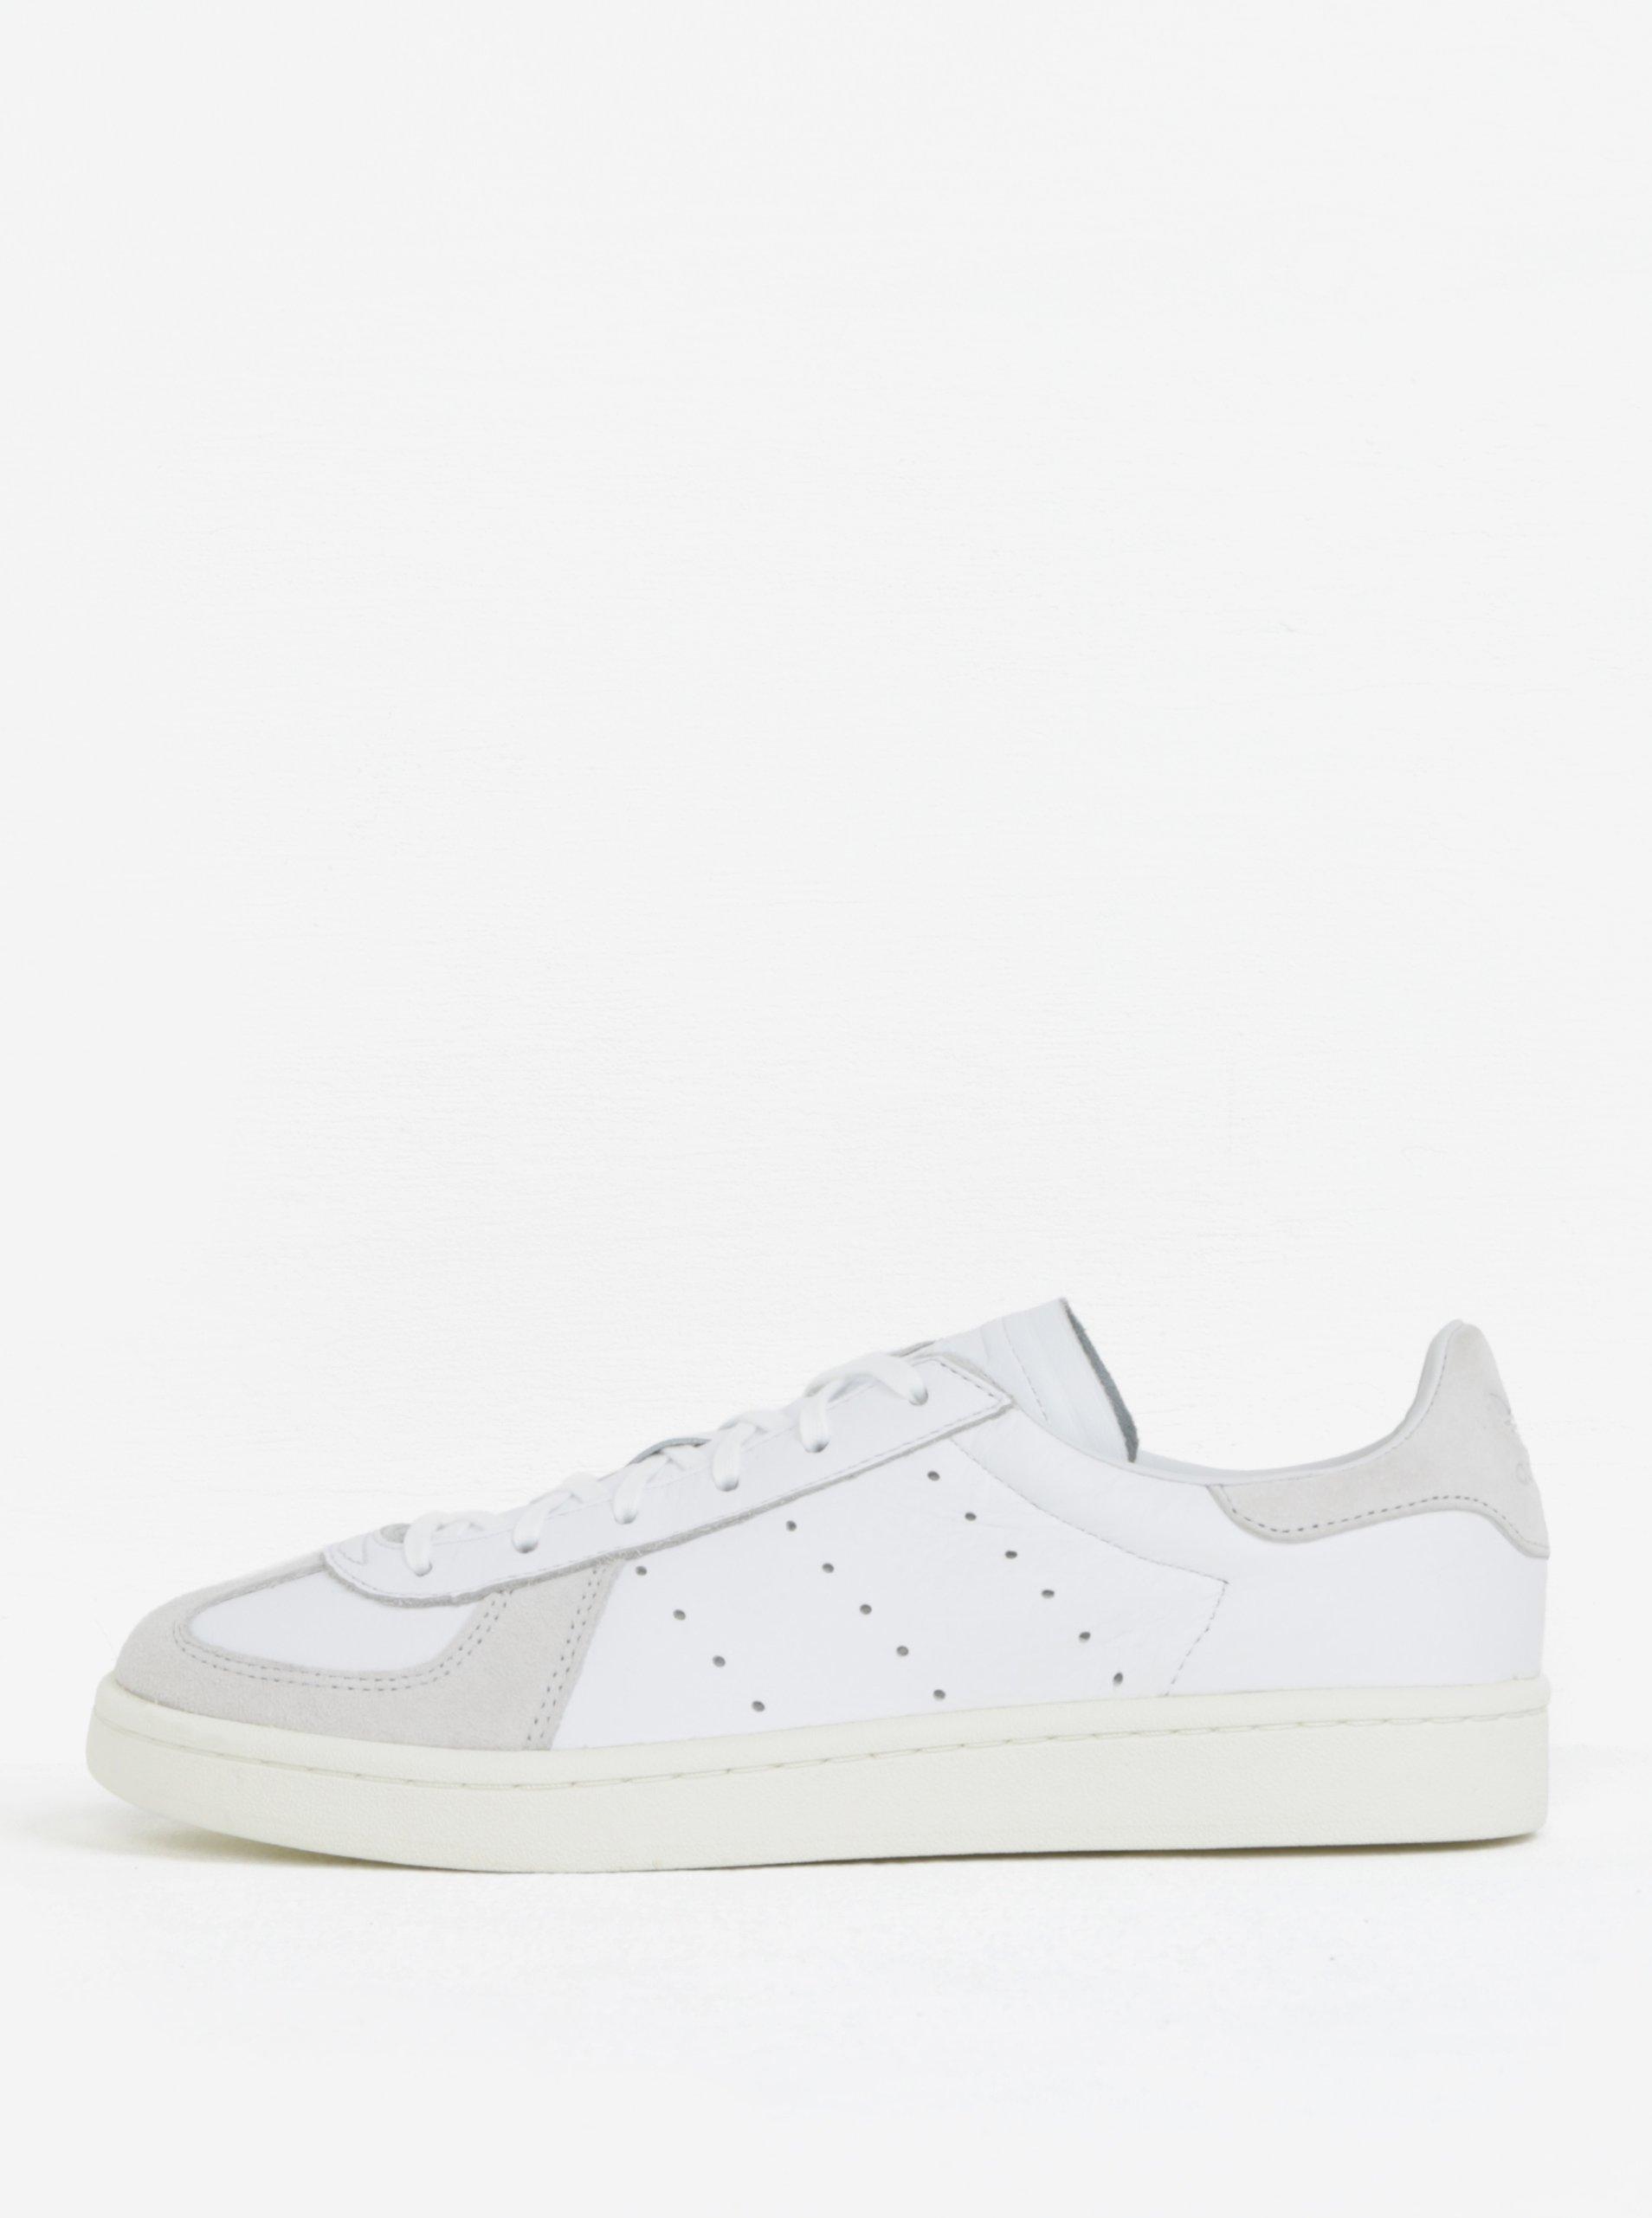 75e812f257 Bílé pánské kožené tenisky adidas Originals Avenue